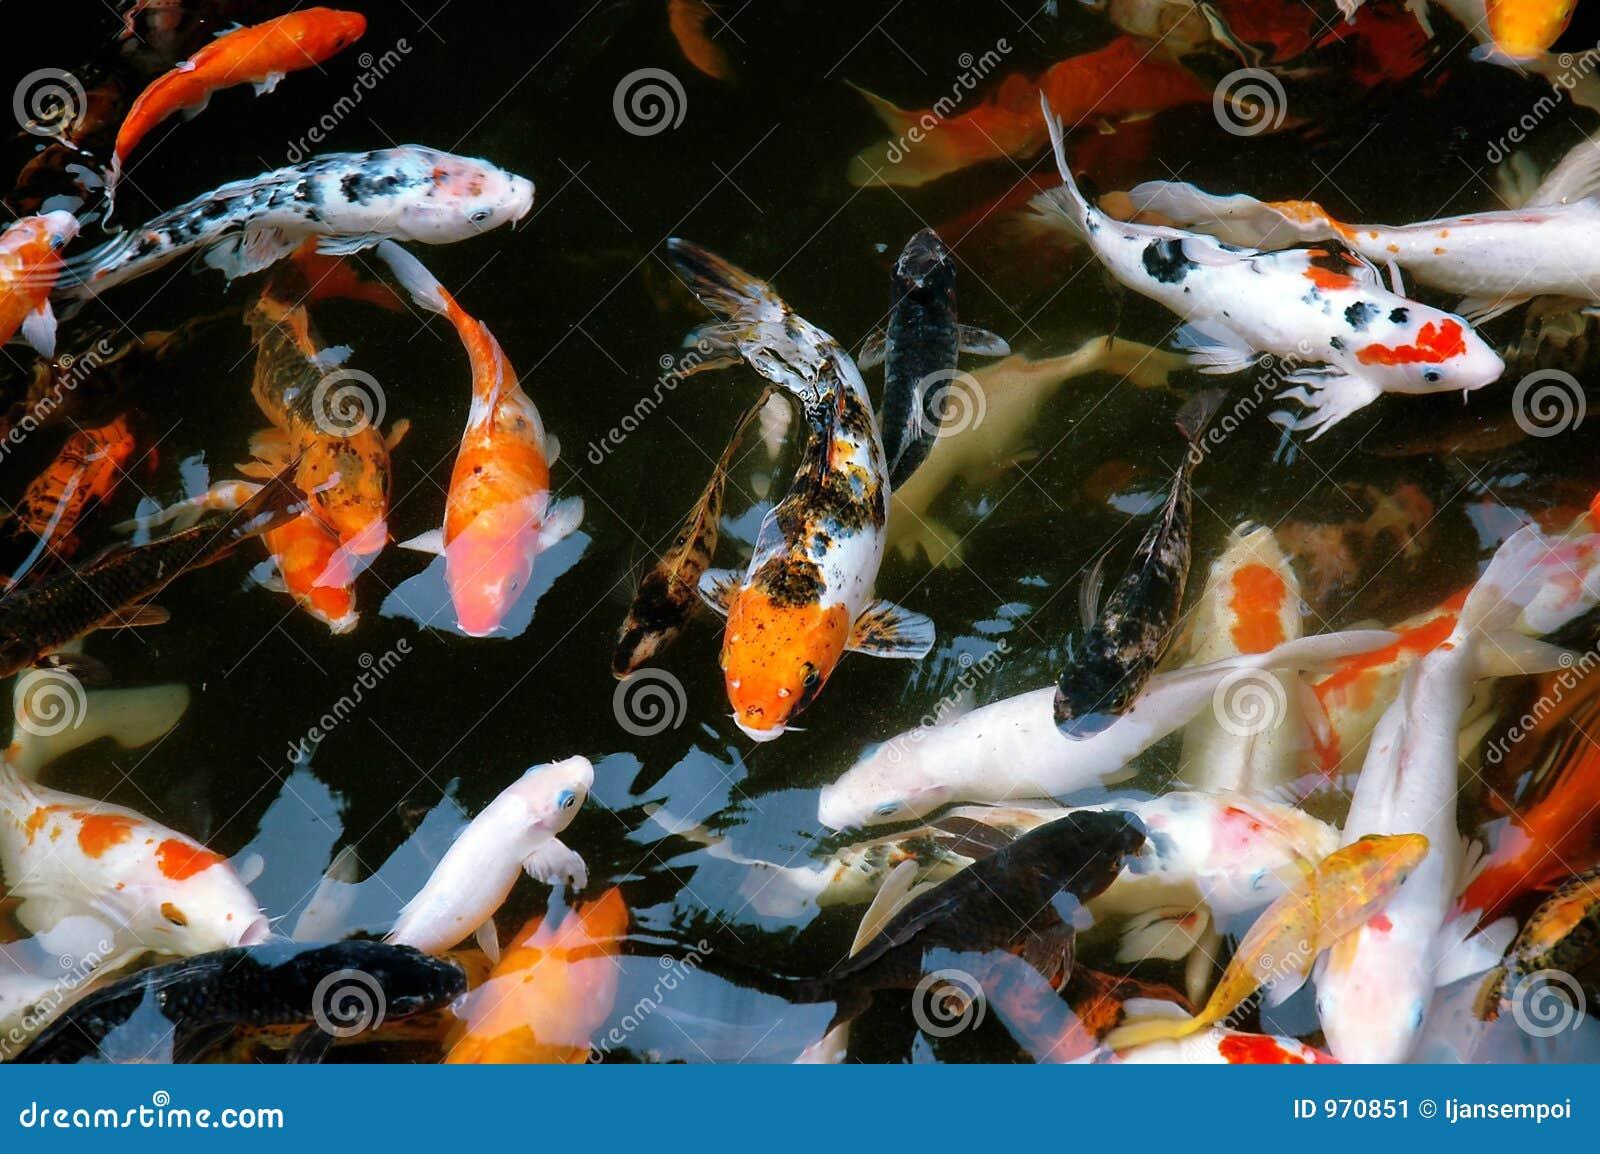 Koi fish stock image image of asian feed peaceful for Fraie carpe koi